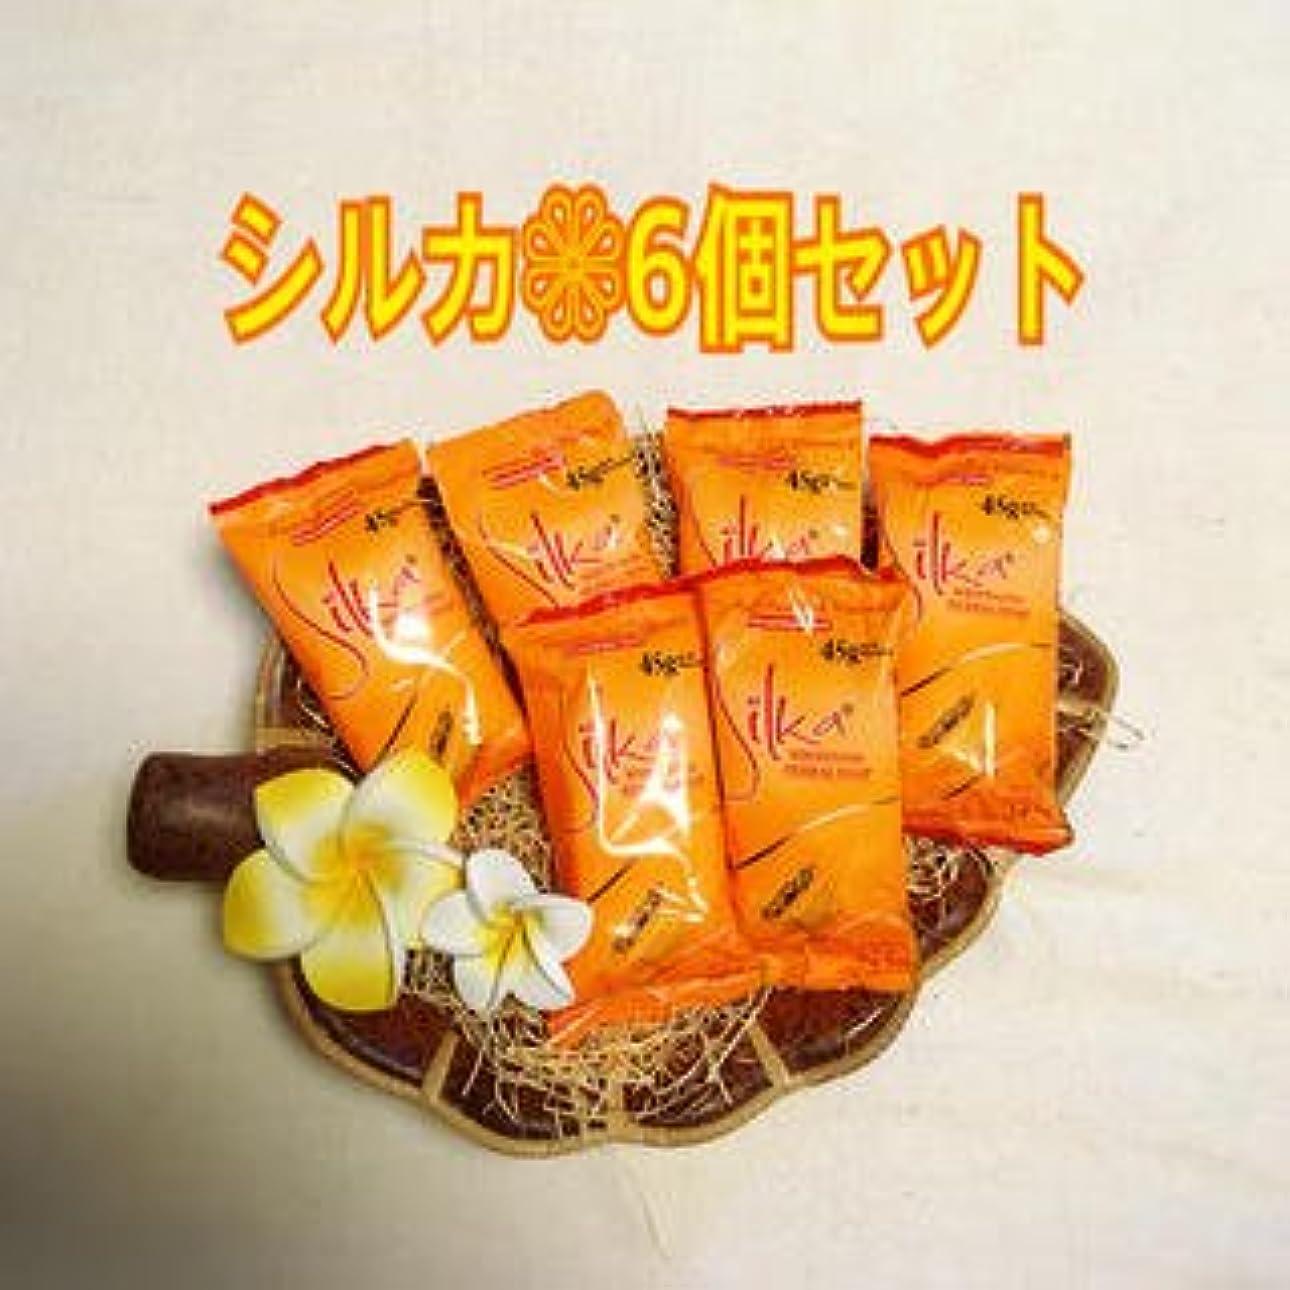 Silk(シルカ) パパイヤソープ 45g 6個